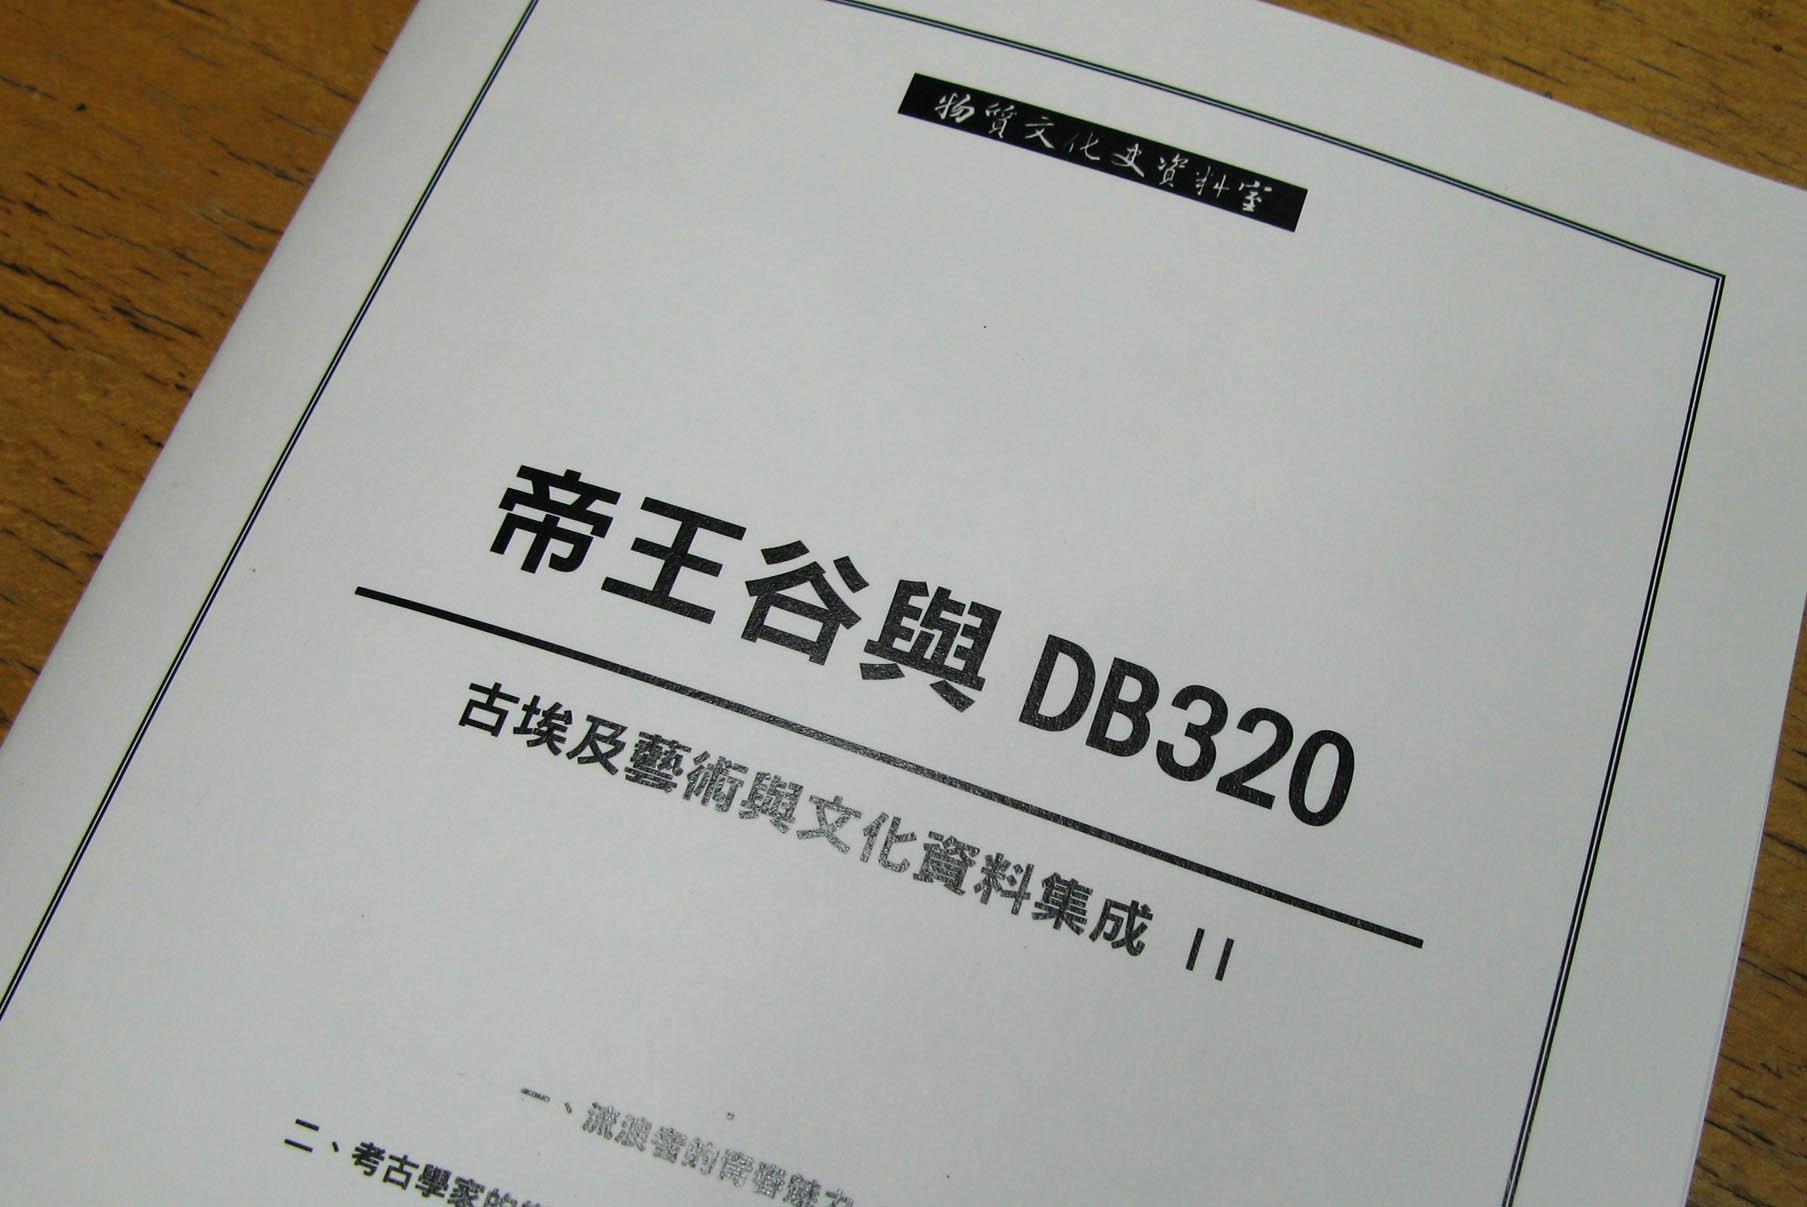 001.1.jpg